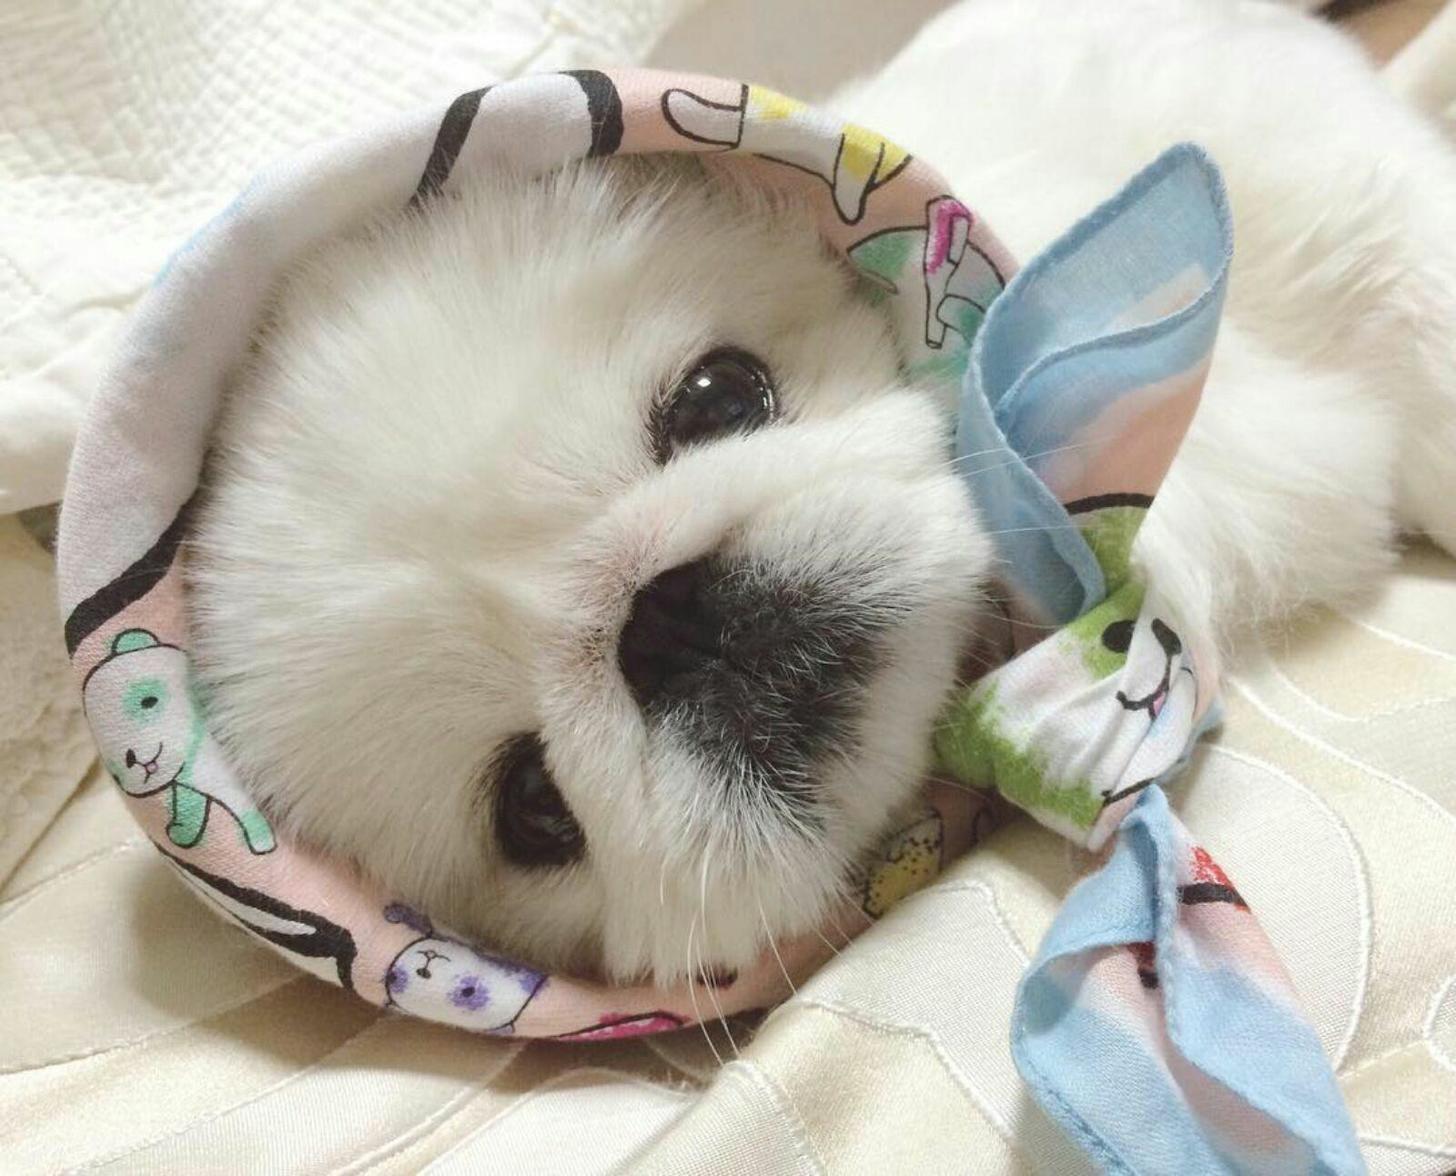 Картинки с самыми милыми животными в мире киста возникает